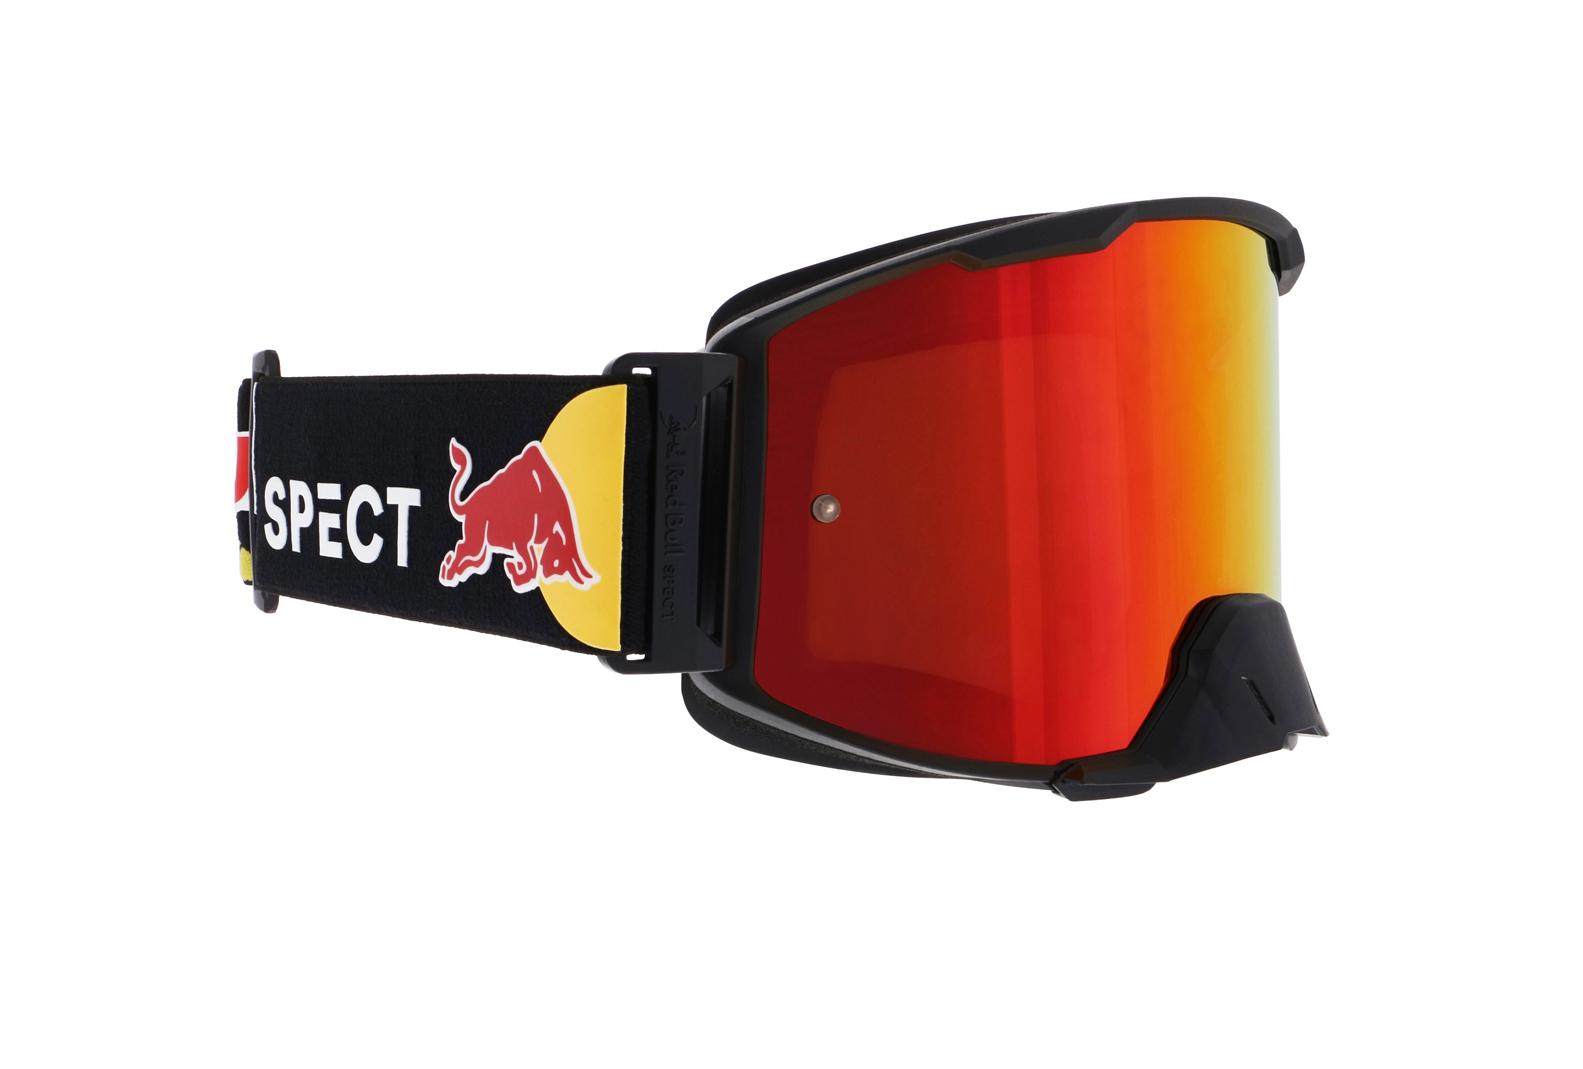 オフィシャル【Red Bull SPECT/レッドブル スペクト】STRIVE DH/MX ゴーグル